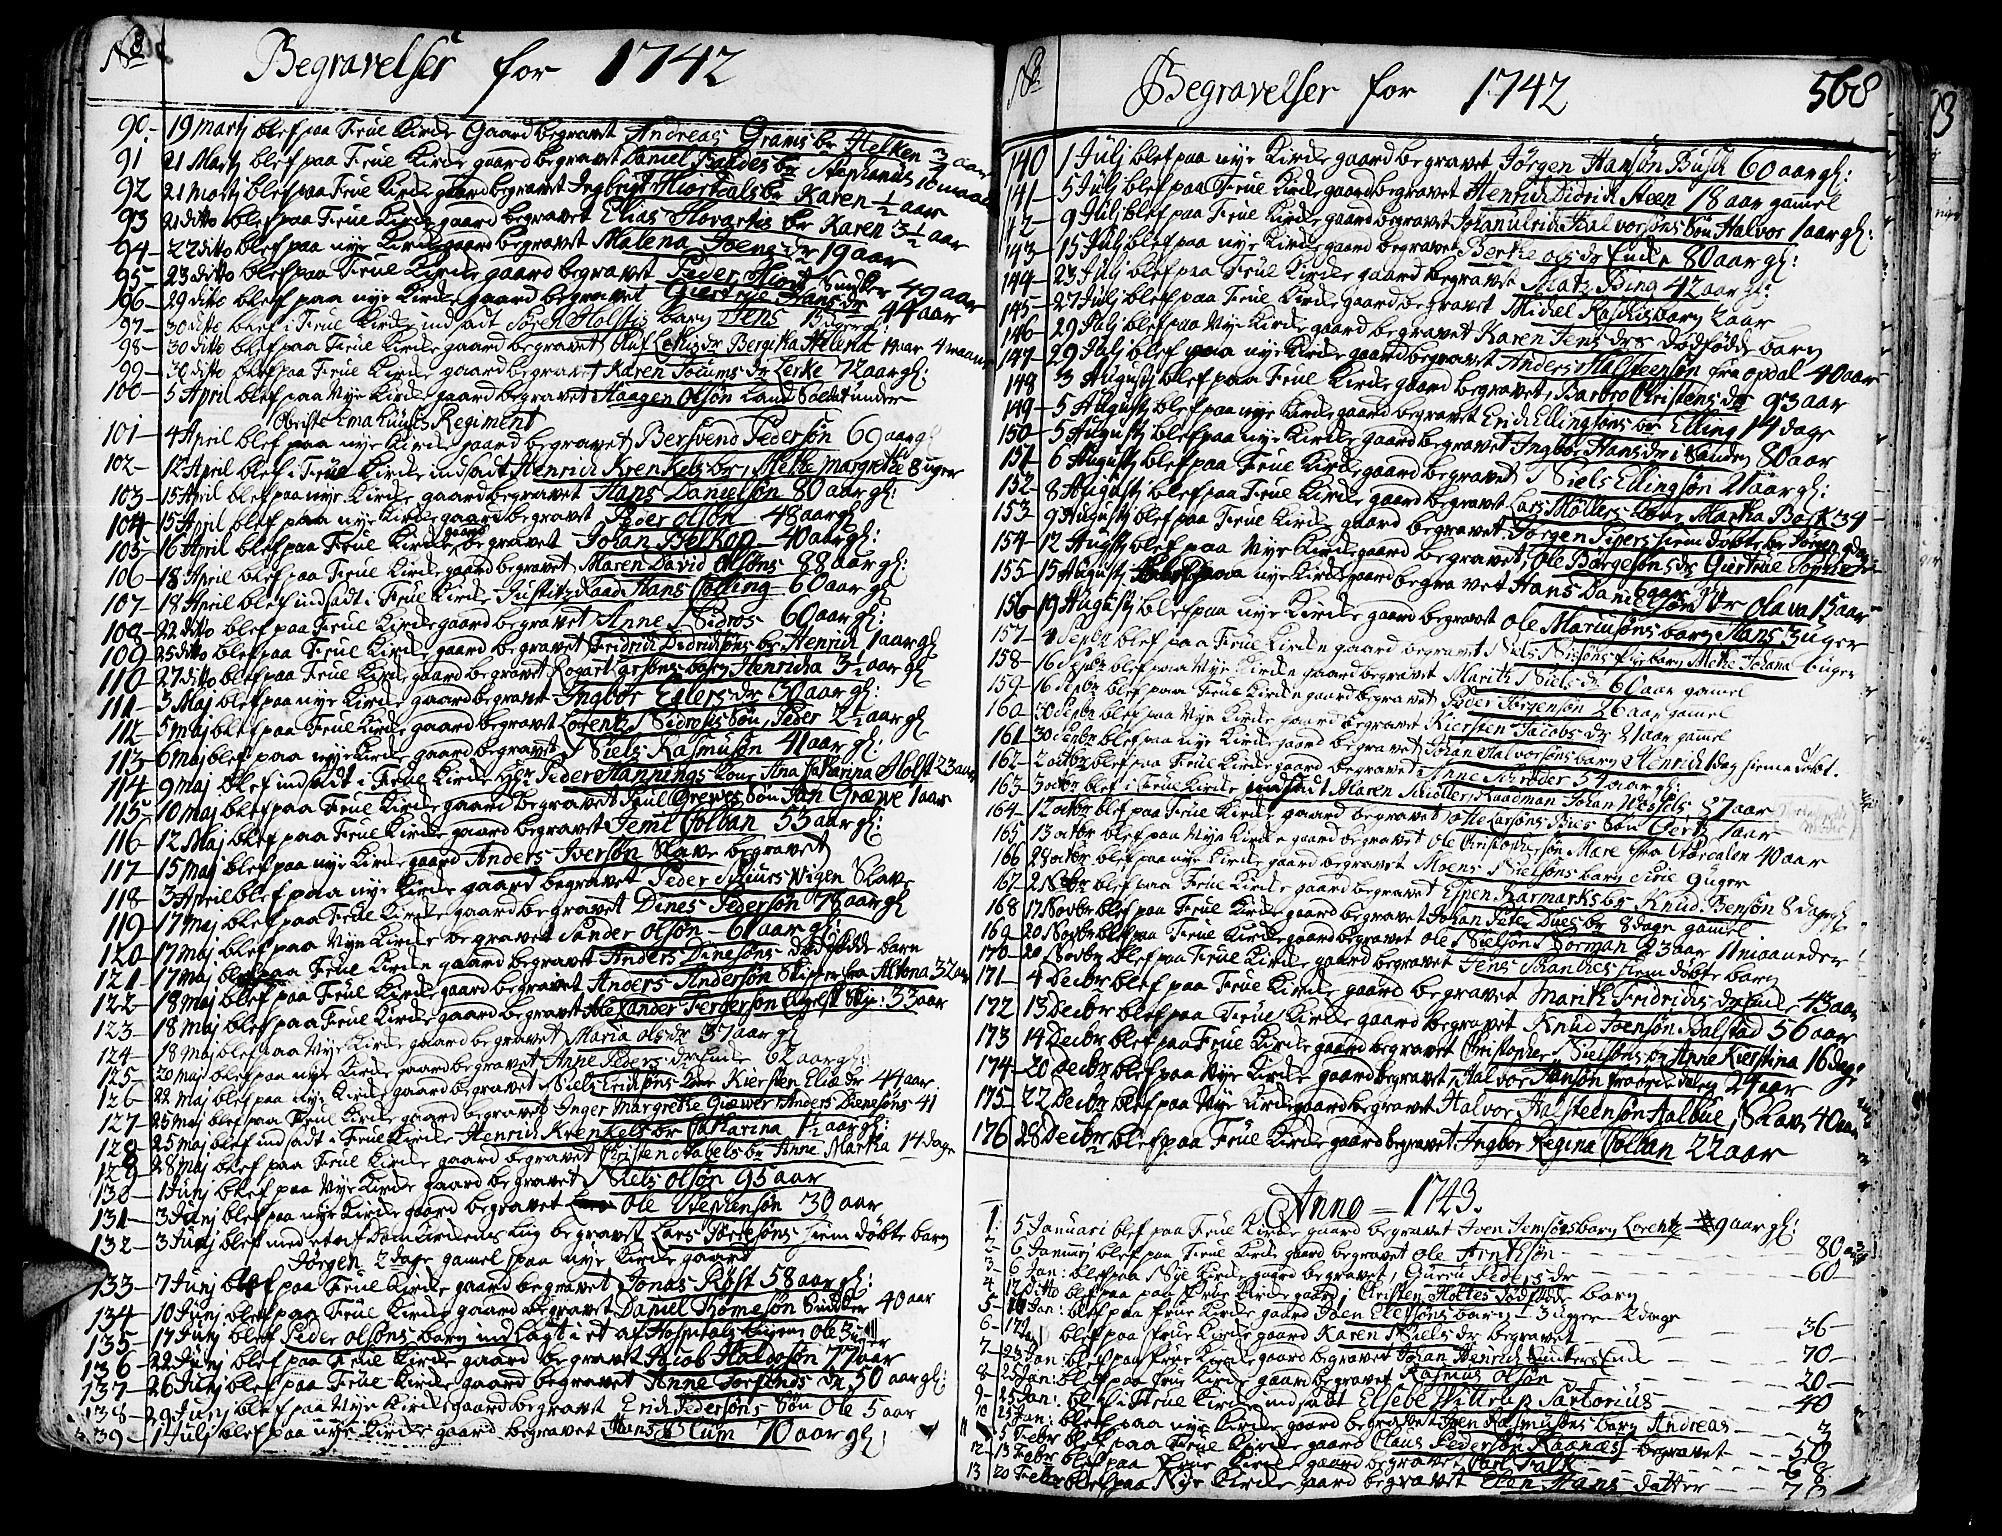 SAT, Ministerialprotokoller, klokkerbøker og fødselsregistre - Sør-Trøndelag, 602/L0103: Ministerialbok nr. 602A01, 1732-1774, s. 568